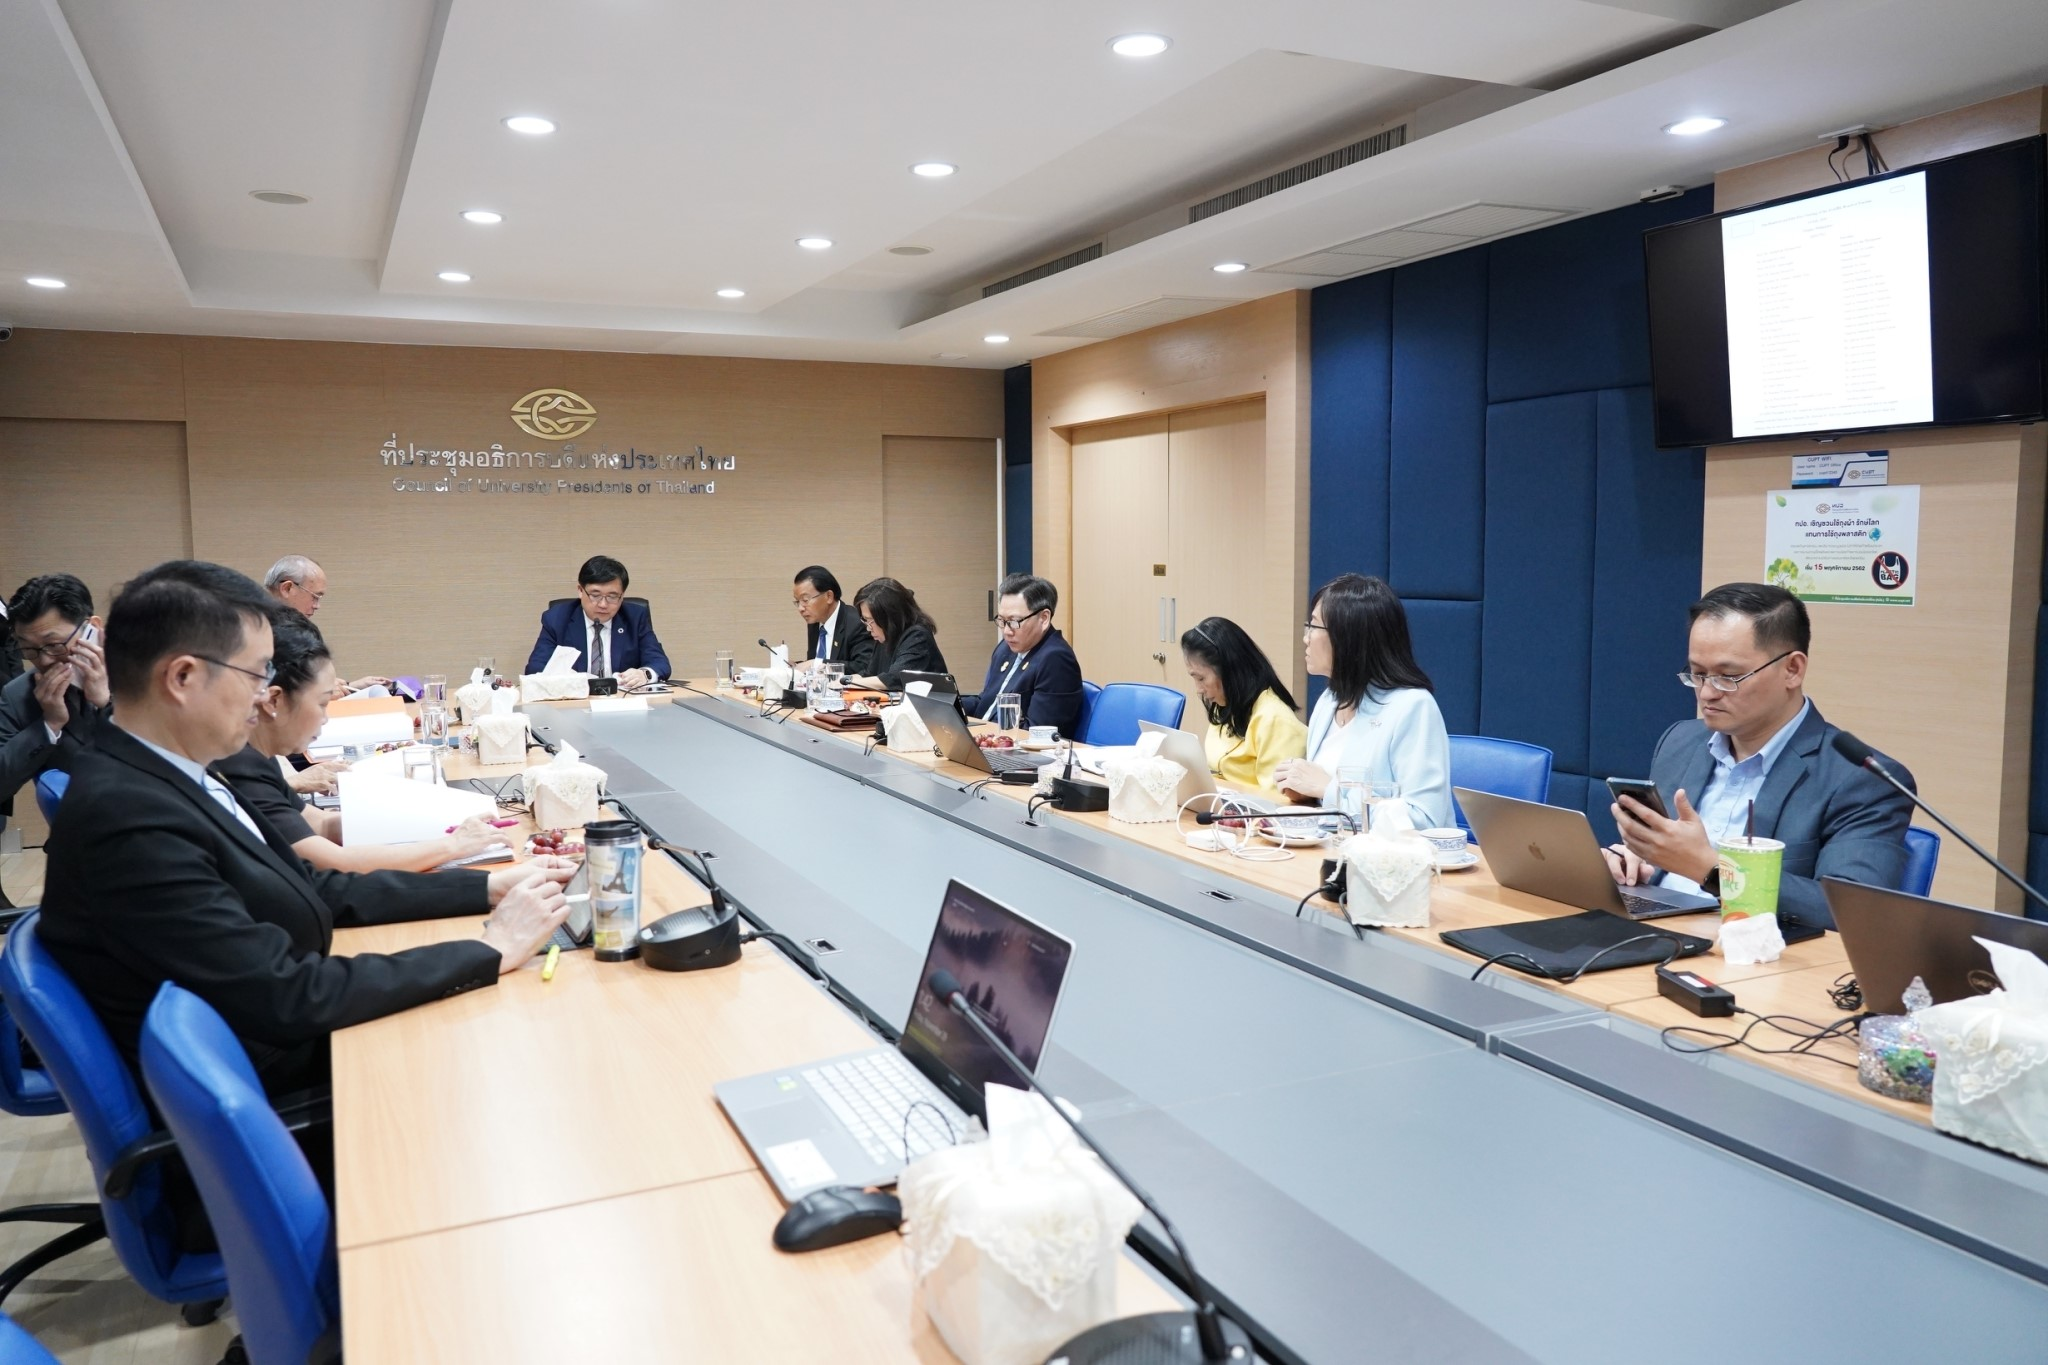 การประชุมคณะกรรมการบริหารสมาคมสถาบันการศึกษาขั้นอุดมแห่งภูมิภาคเอเชียตะวันออกเฉียงใต้ประจำประเทศไทย (สออ.ประเทศไทย) ครั้งที่ 3/2562